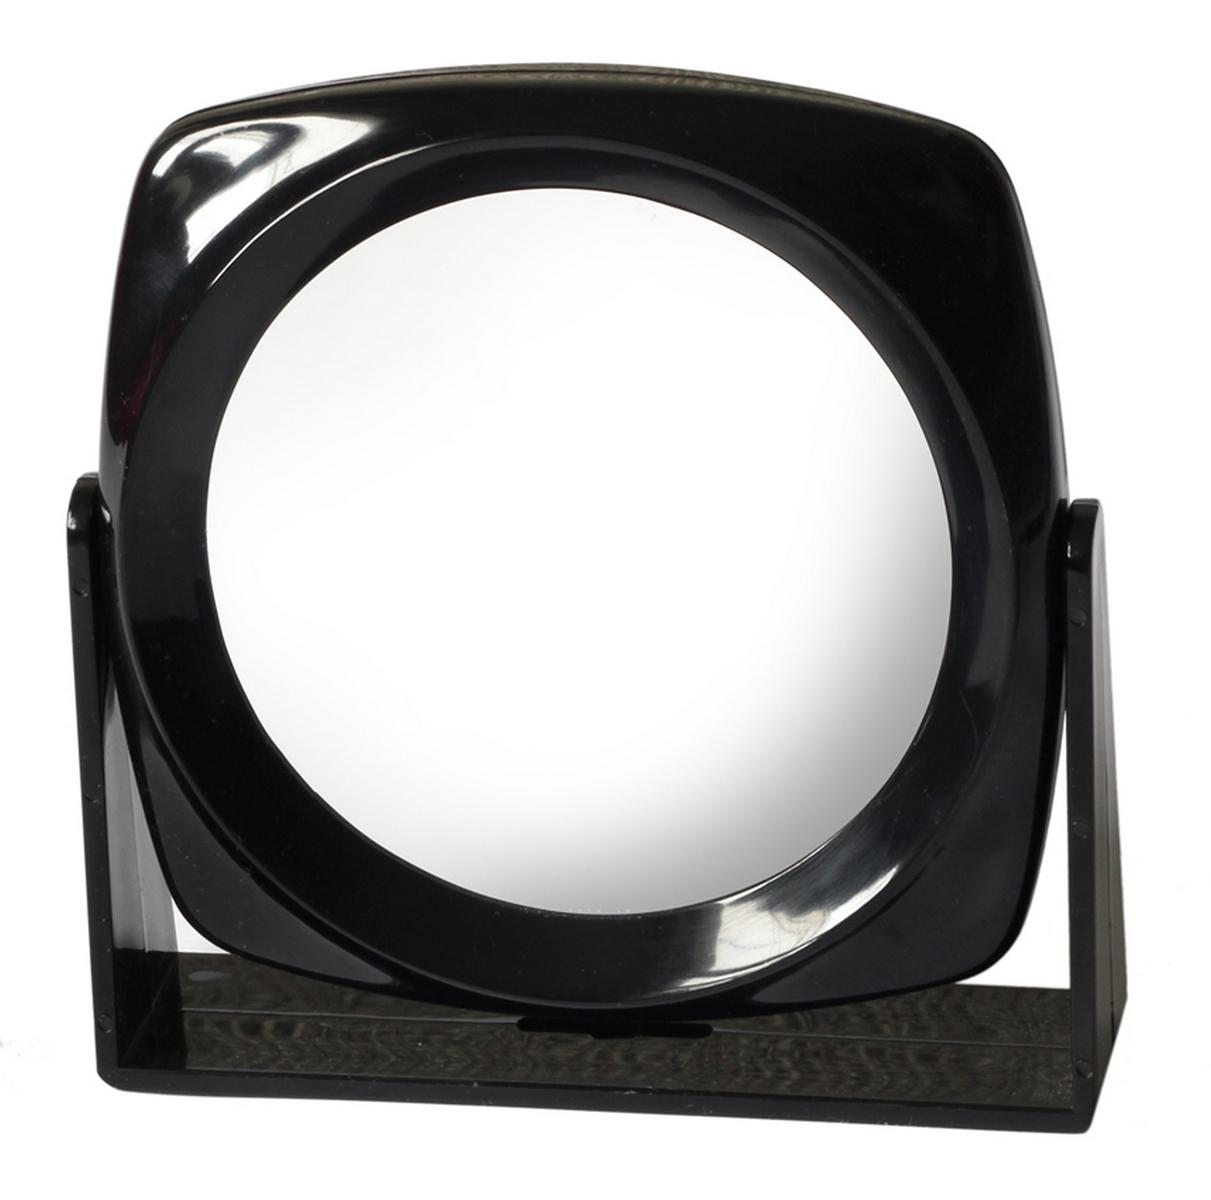 Silva Зеркало настольное, круглое, цвет: черный SZ 582